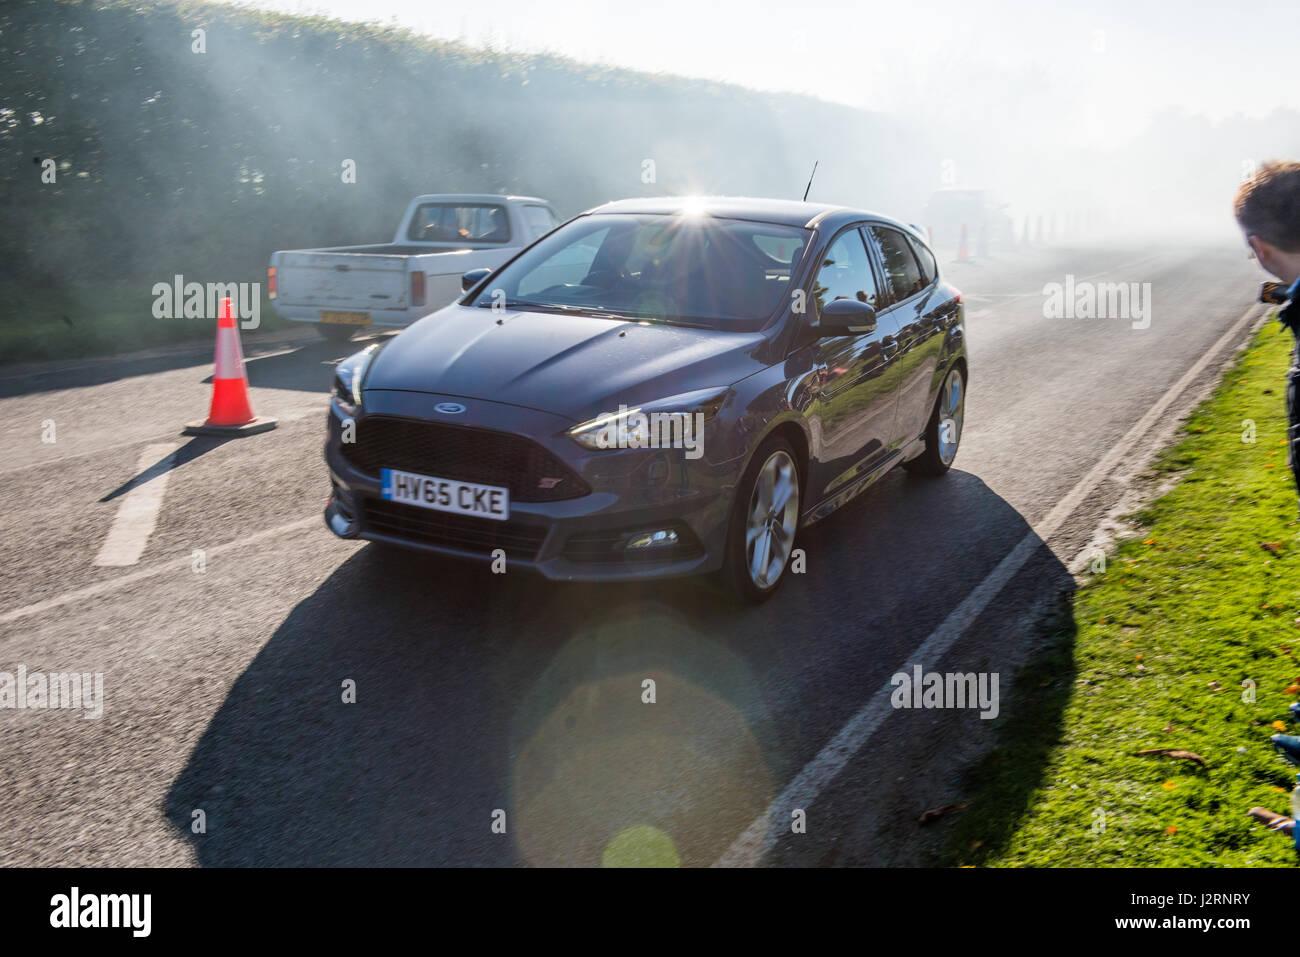 Goodwood Motor Circuit Chichester West Sussex Grobritannien 6 Ford Diagram November 2016 Focus St Grau Fahrzeug In Zum Hot